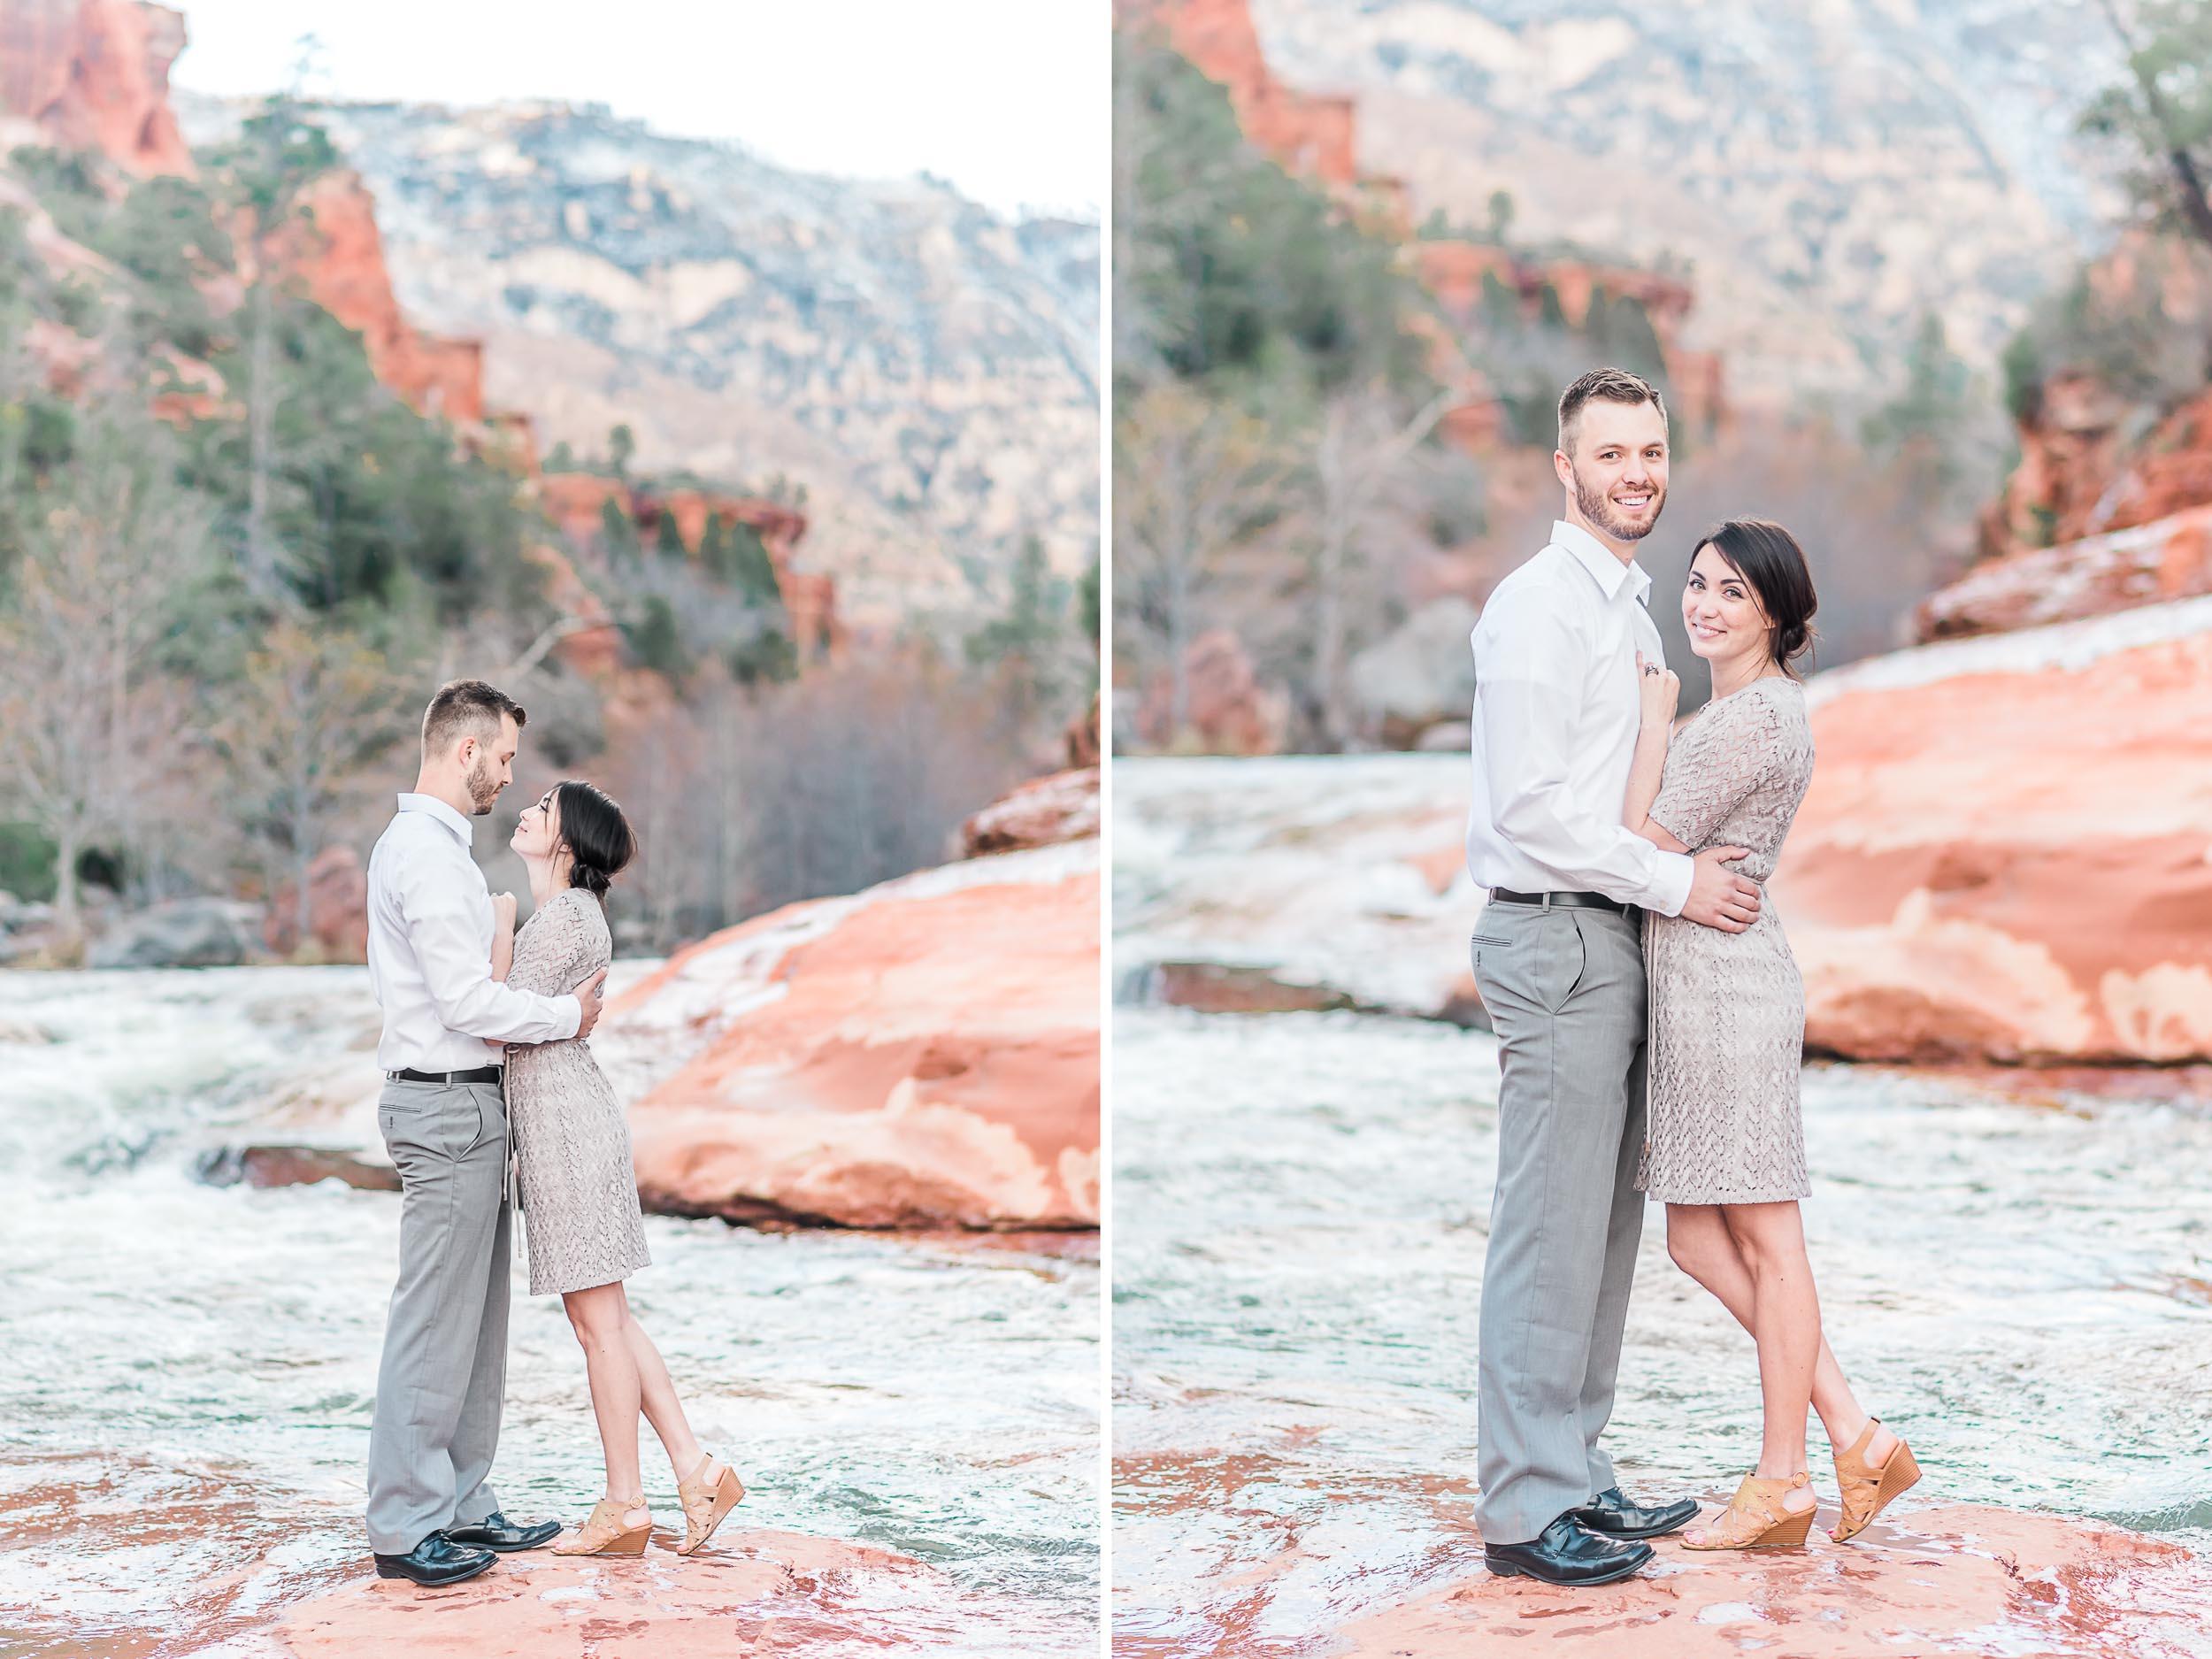 RachaelLaynePhotography_AZfamilyphotographer01-7.jpg